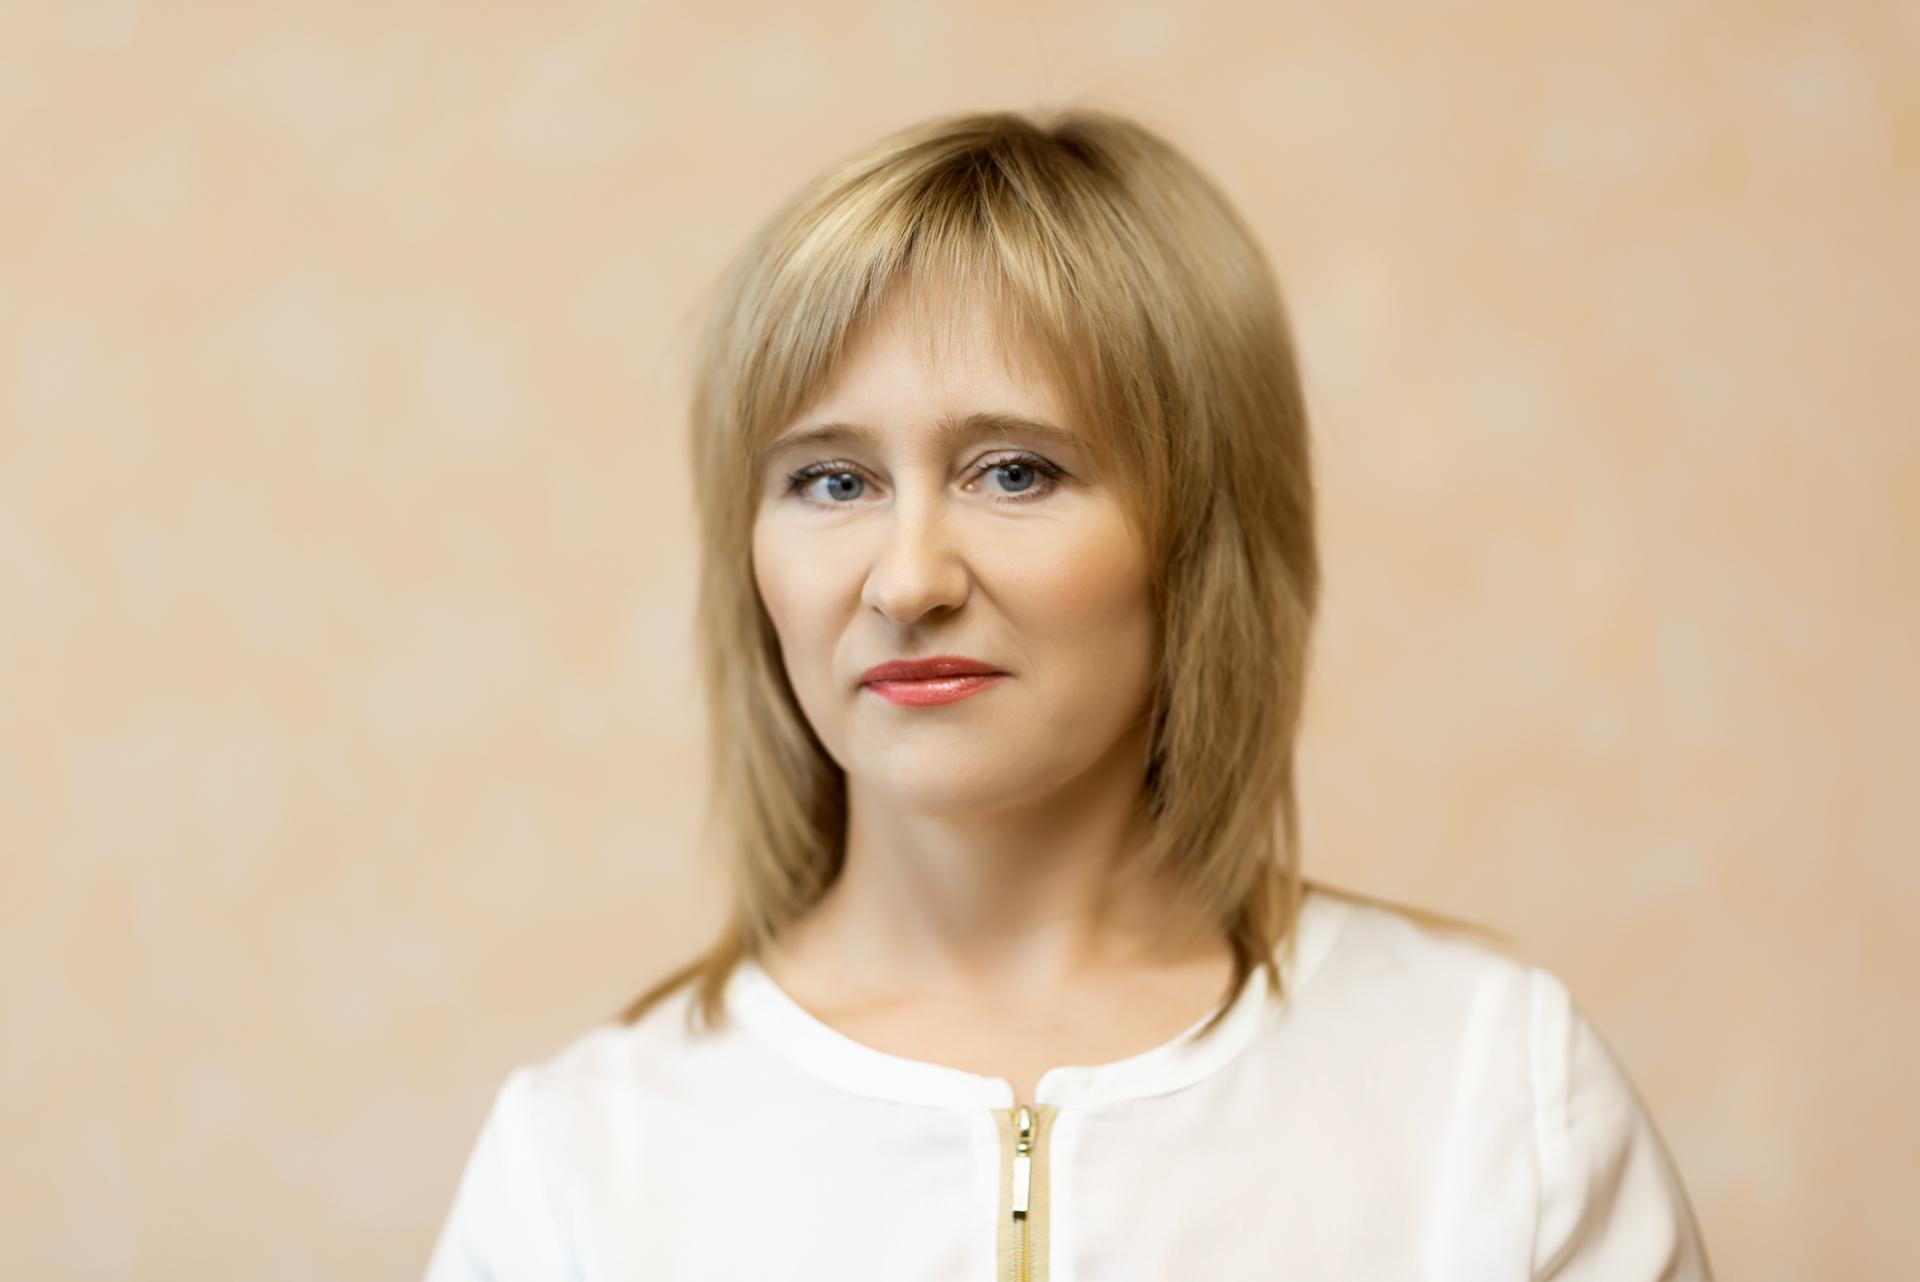 Кинжалова Юлия специалист по бухгалтерскому учету,  стаж 20 лет